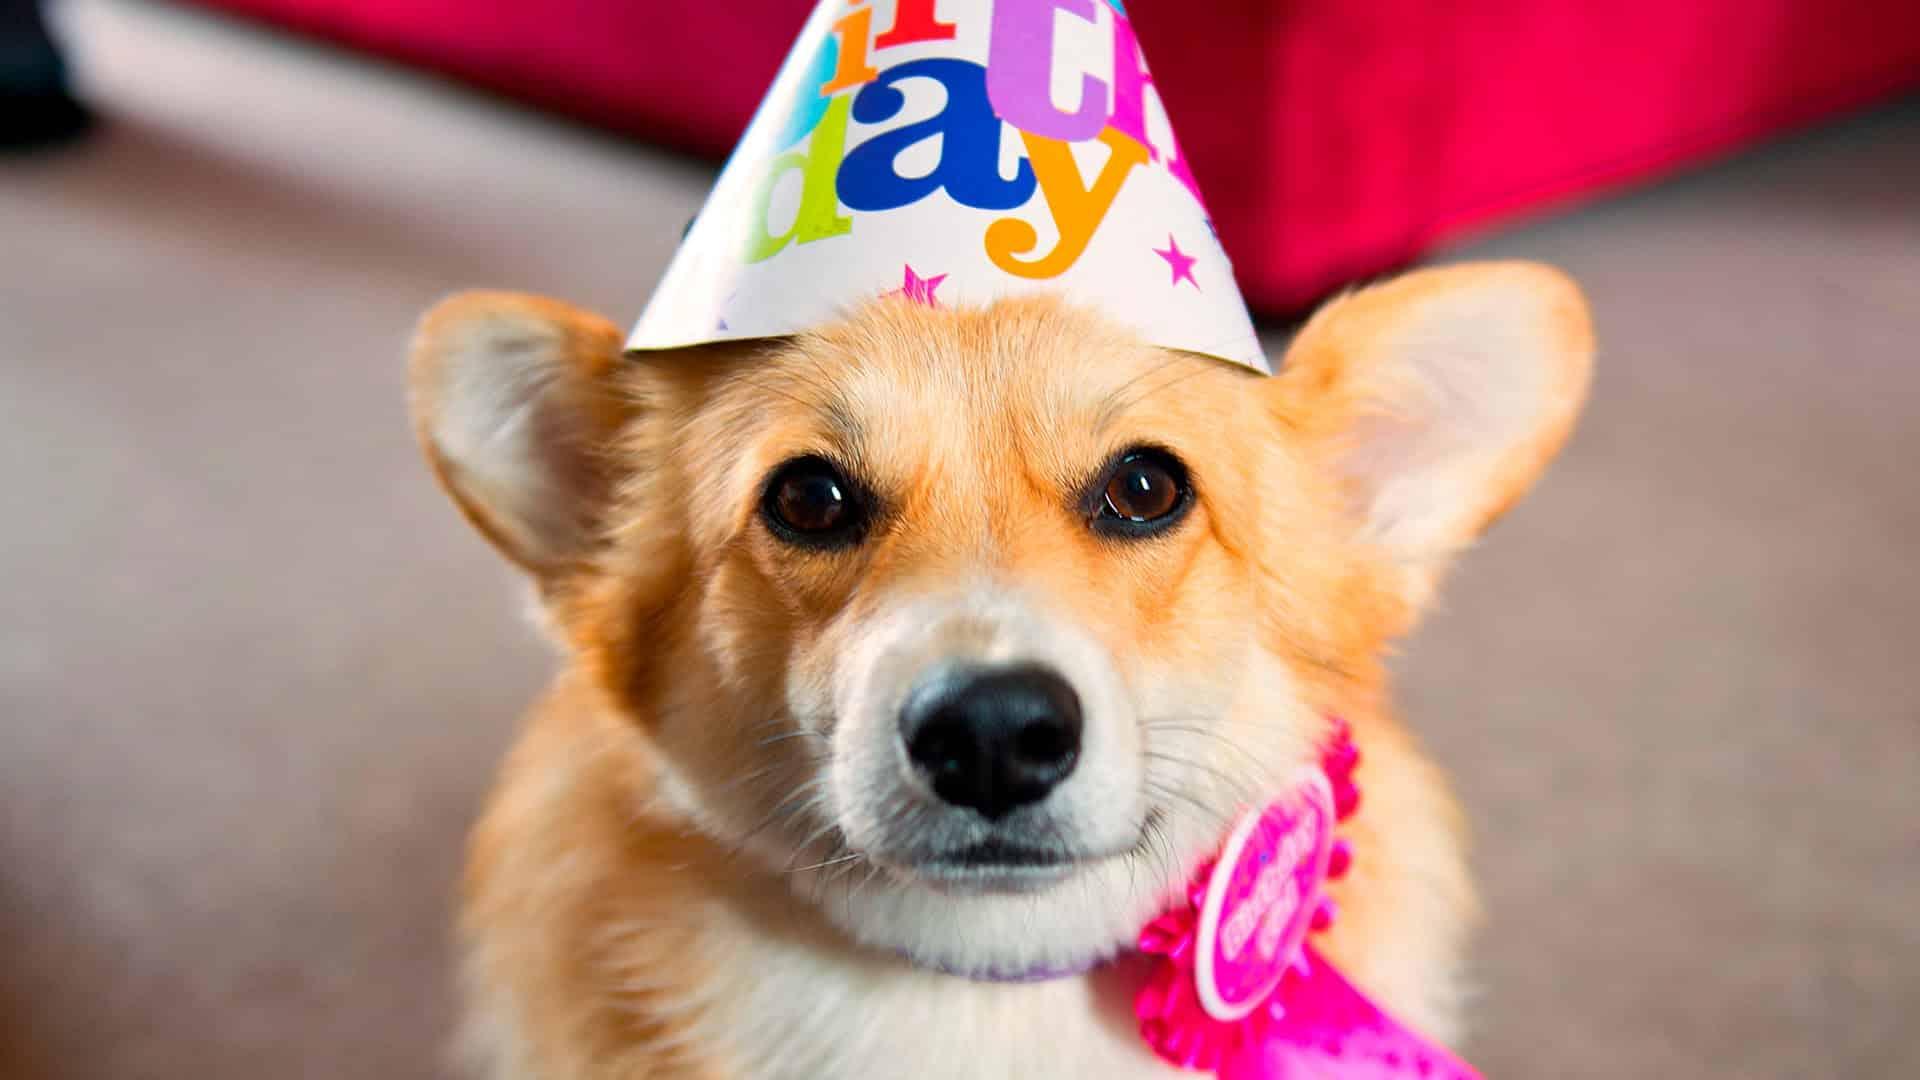 Смешные картинки с животными на день рождения, строителей веселые